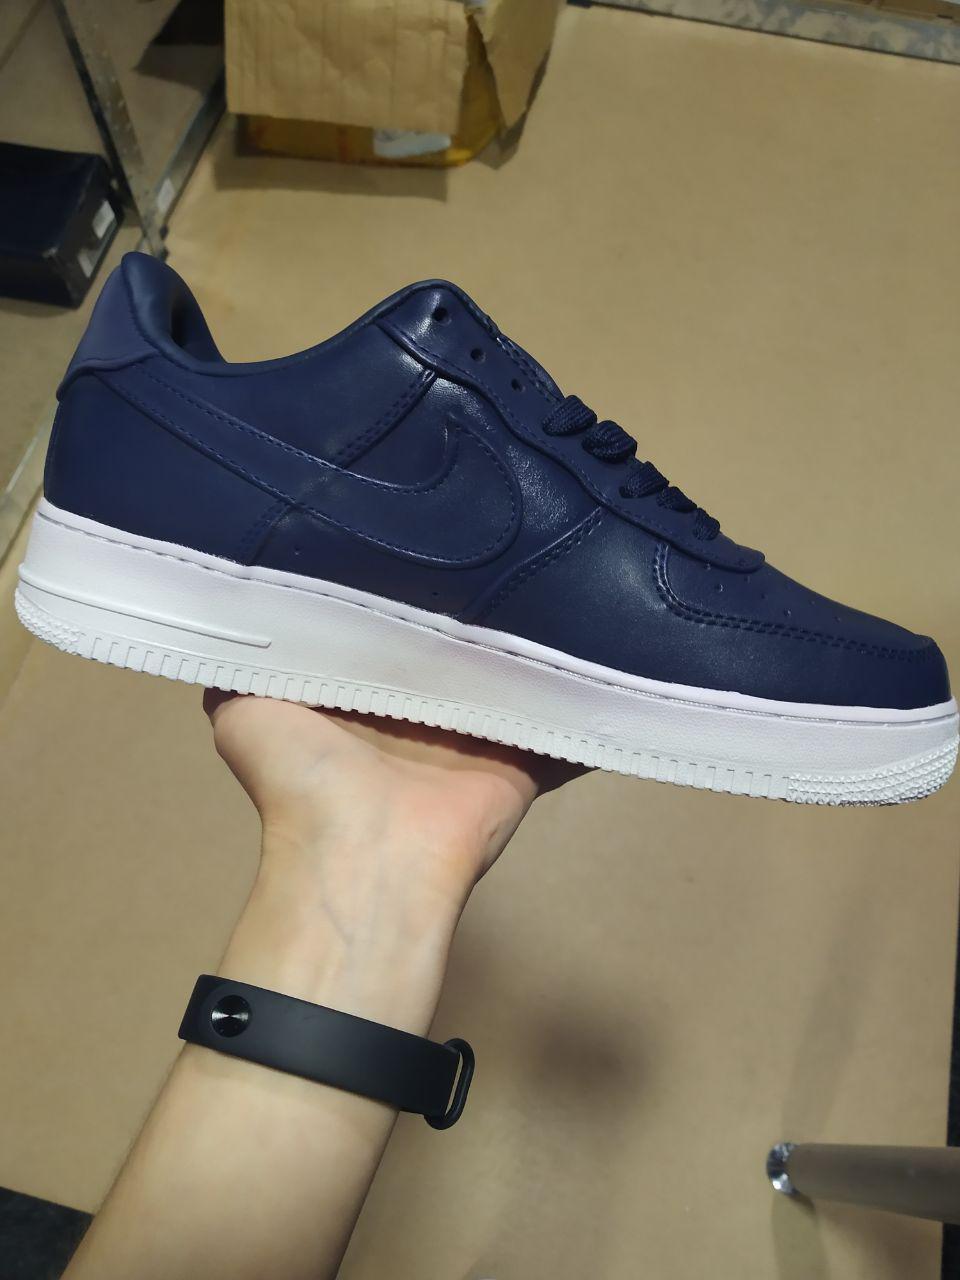 Мужские кроссовки Nike Air Force 1, мужские кроссовки найк аир форс 1 (41,43,45 размеры в наличии)